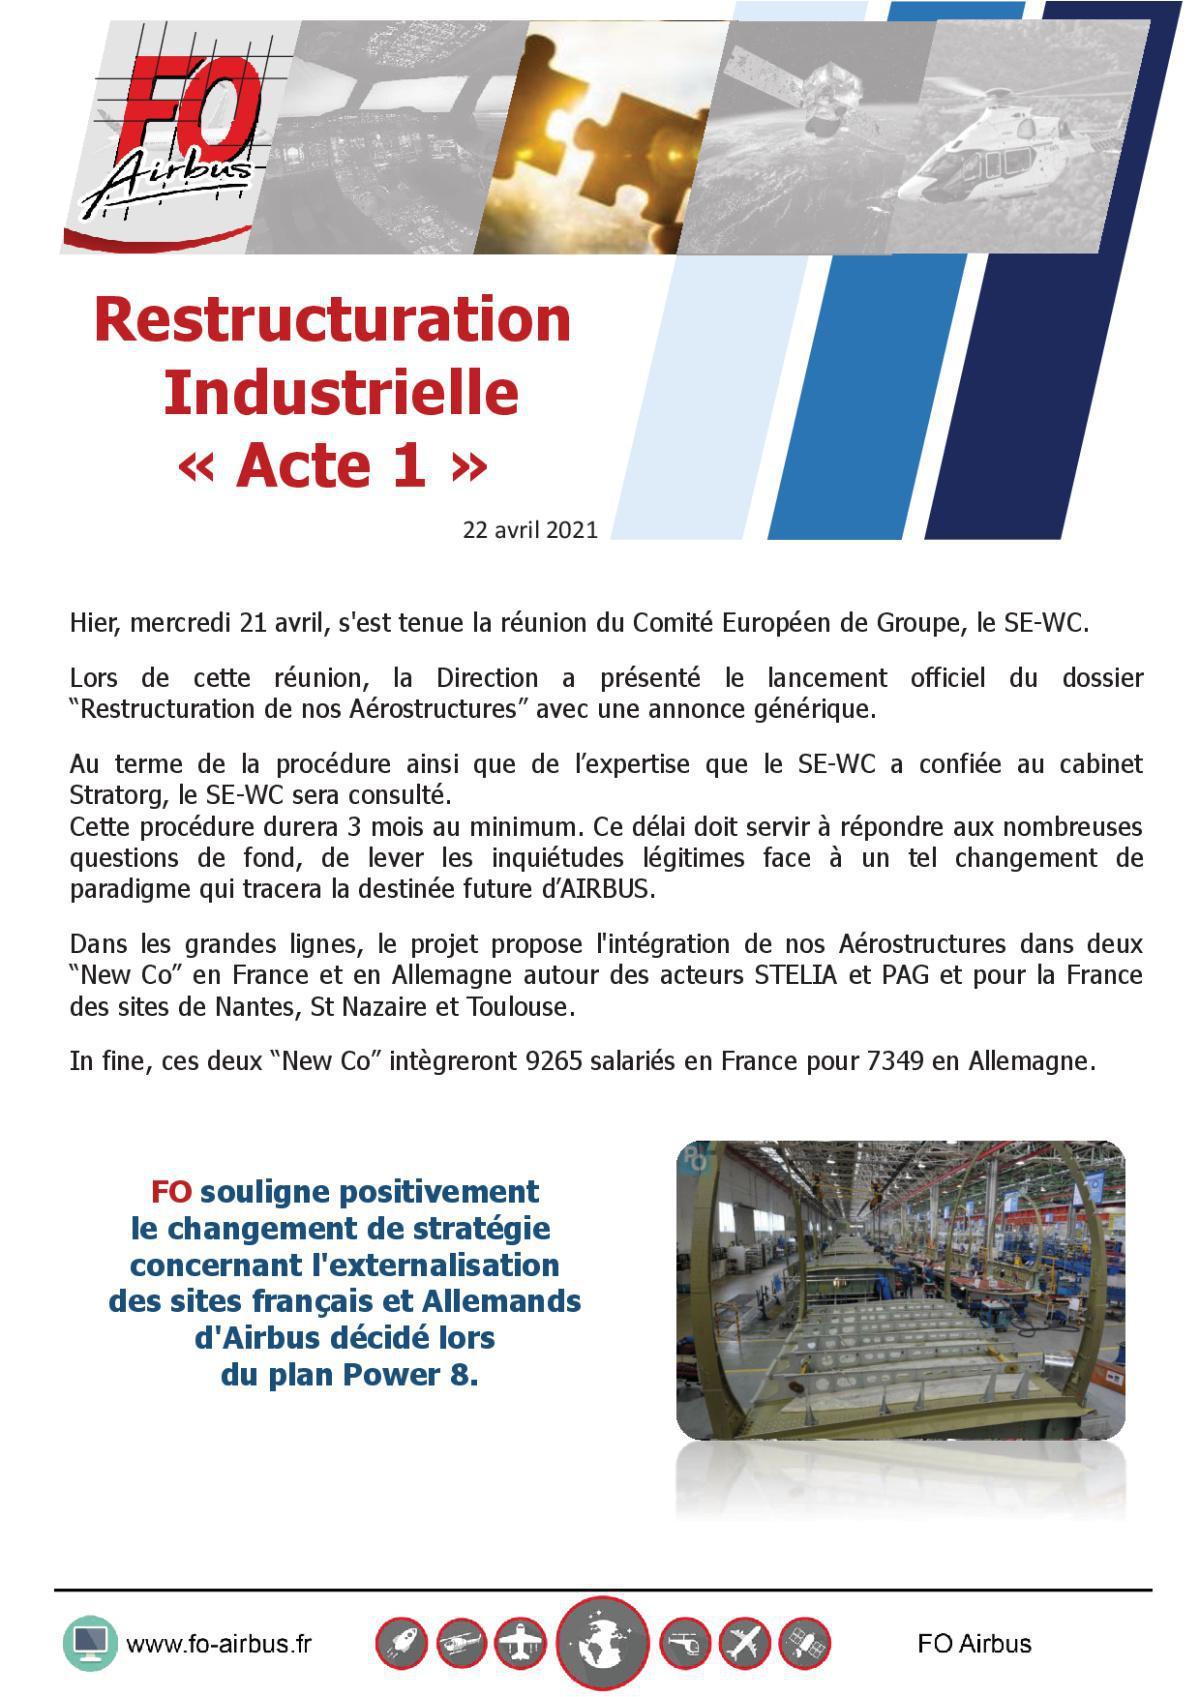 Restructuration industrielle - Acte 1